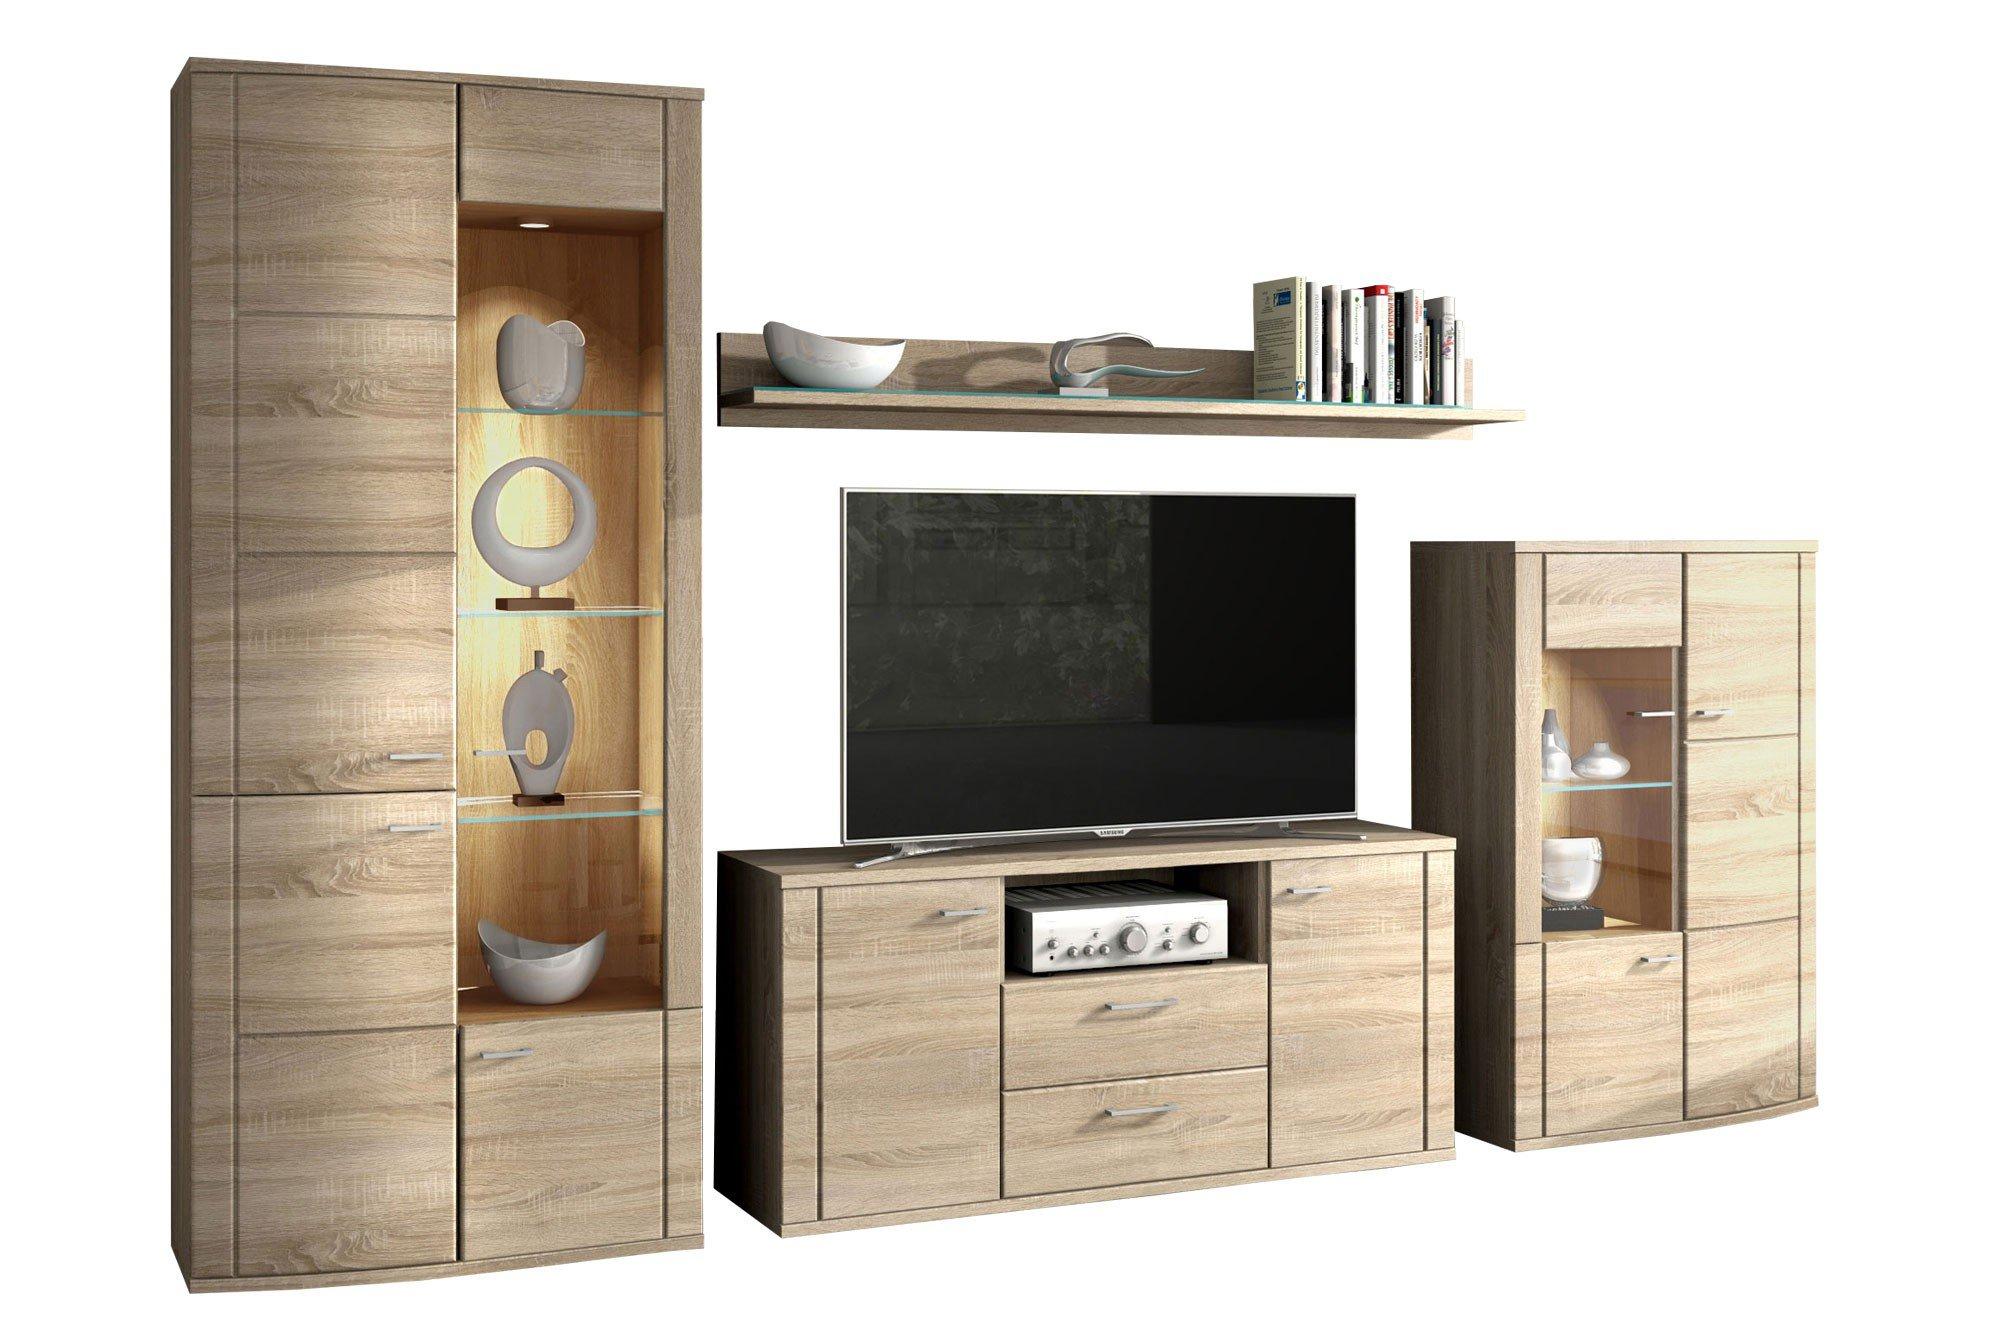 wohnwand siena 1830 sonoma eiche von rmi m bel m bel letz ihr online shop. Black Bedroom Furniture Sets. Home Design Ideas